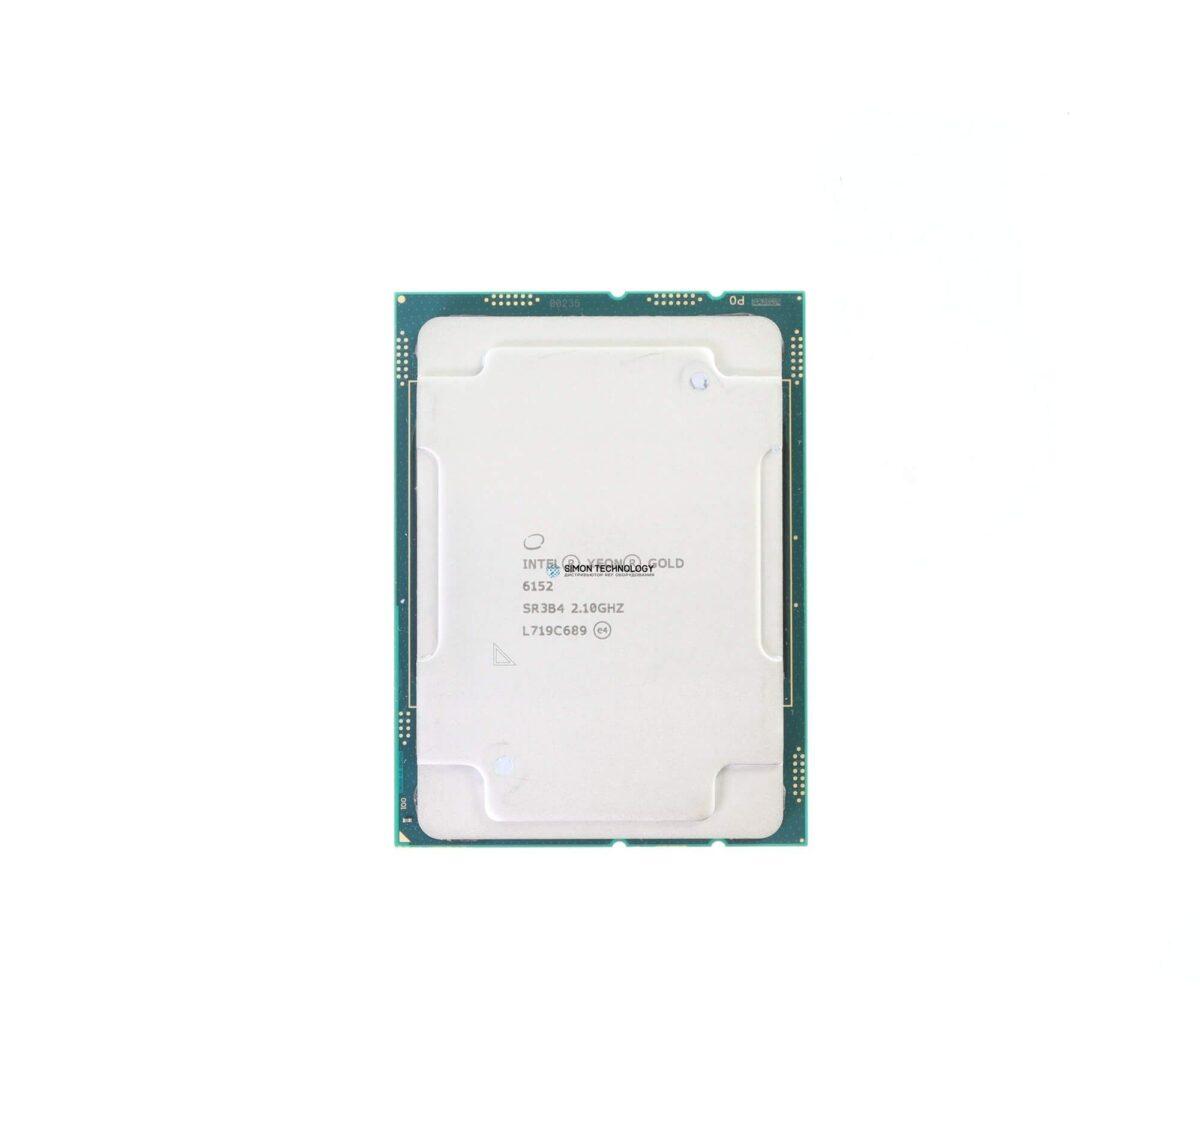 Процессор Intel Xeon Gold 6152 22C 2.1GHz 30.2MB 140W Processor (SR3B4)